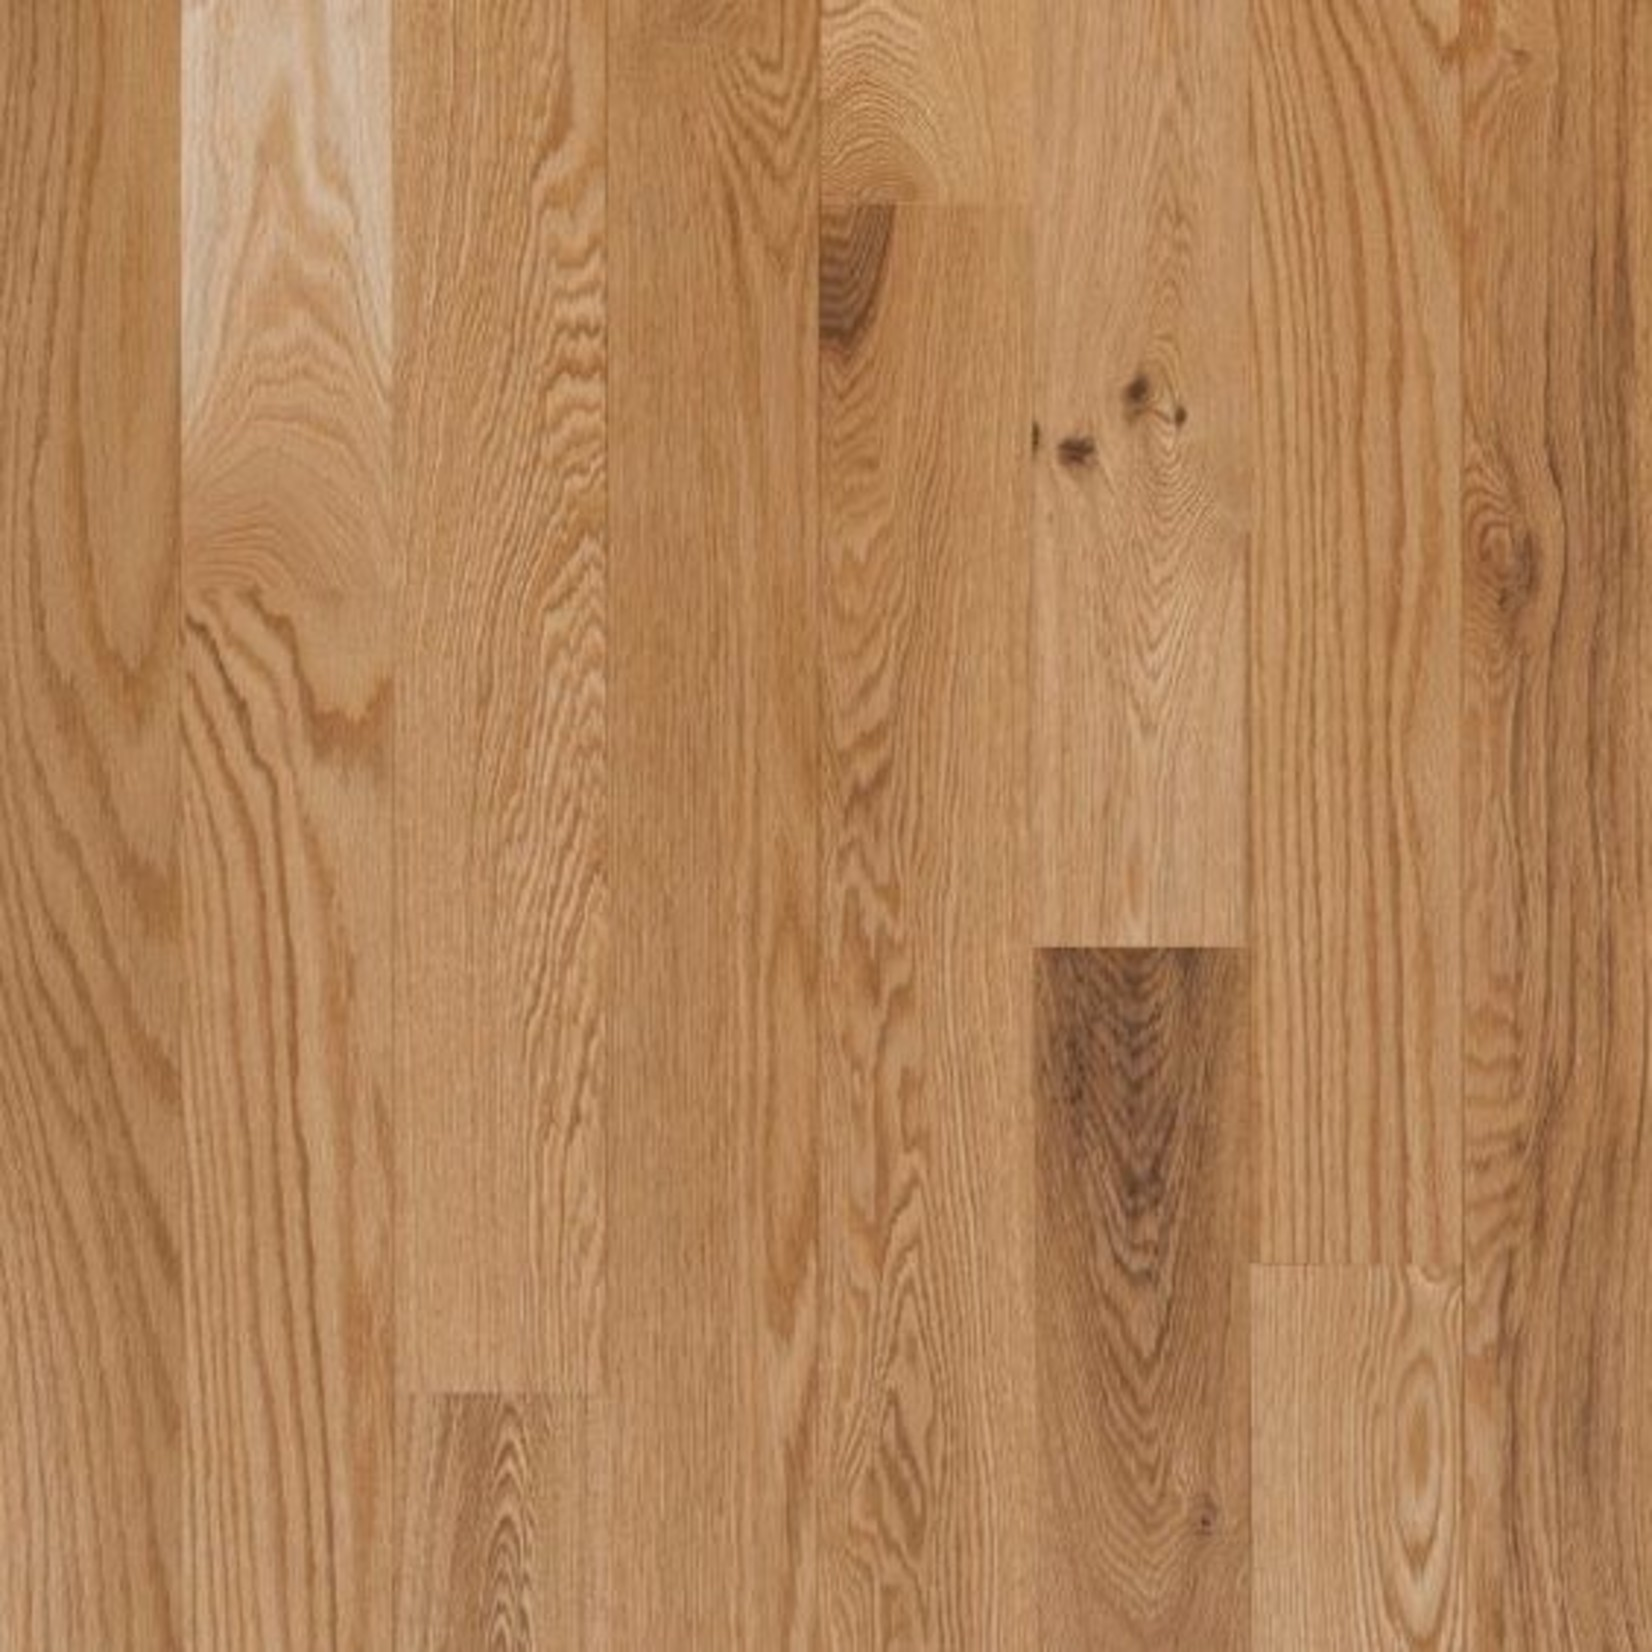 Dubeau Planchers Dubeau - Plancher Chêne rouge caractère brossé verni ultra-mat 10%